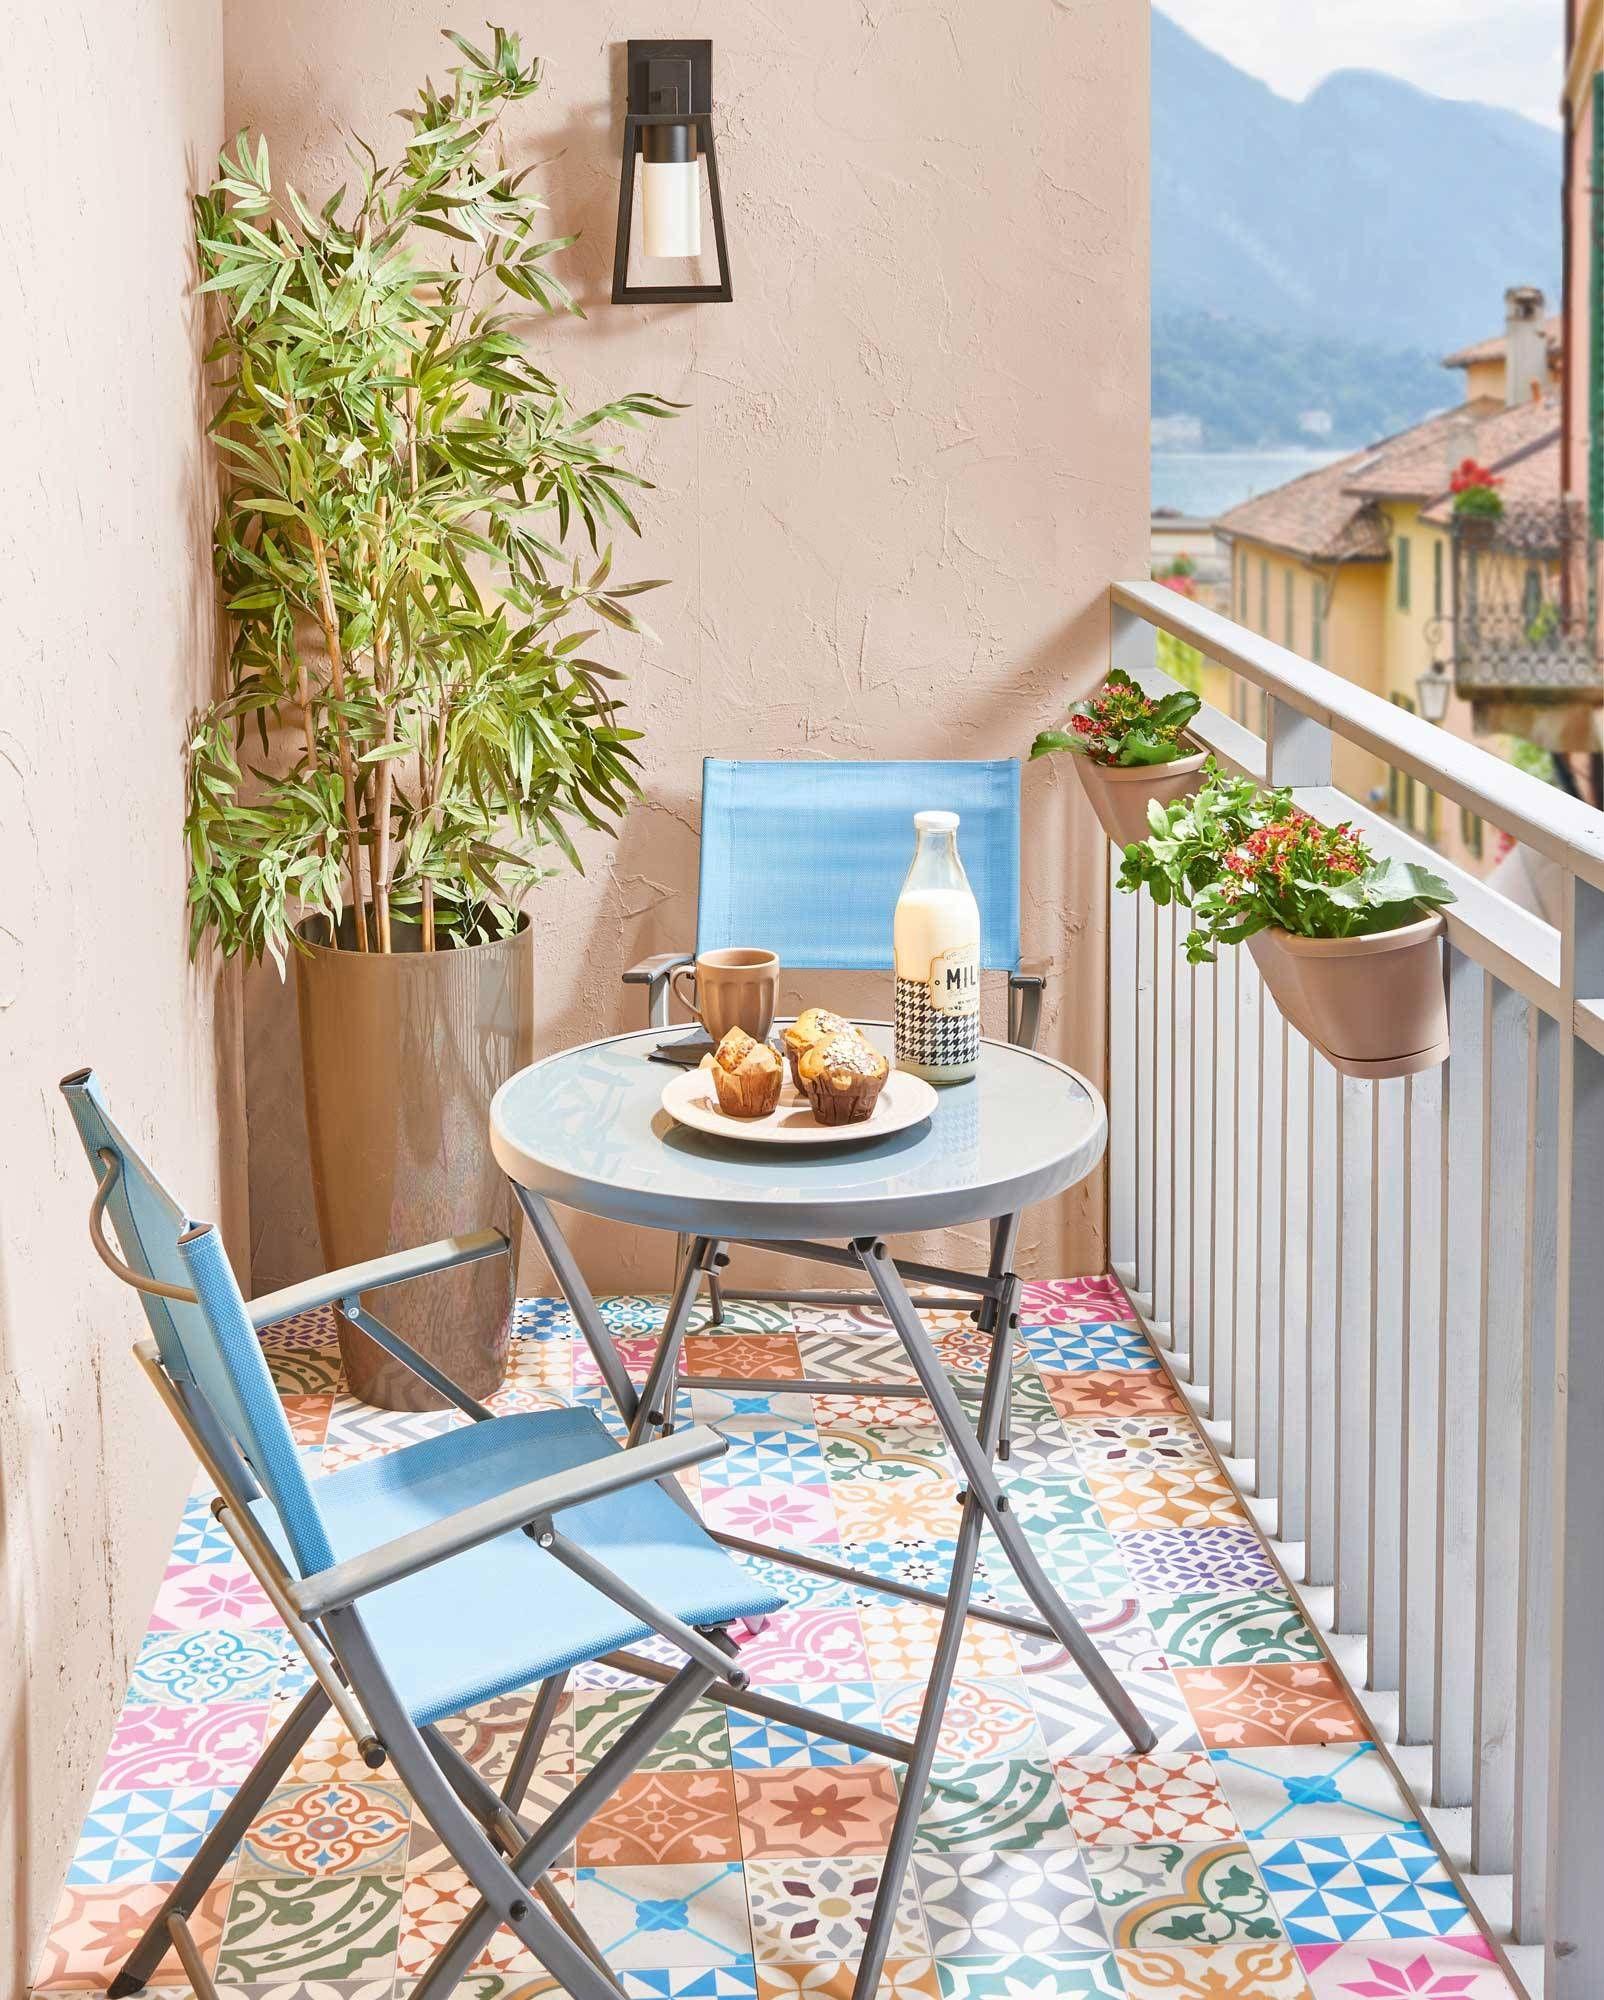 Un Sillón Ideal Para Un Rinconcito De Relax Muebles Para Terrazas Balcon Decoracion Decoración De Patio